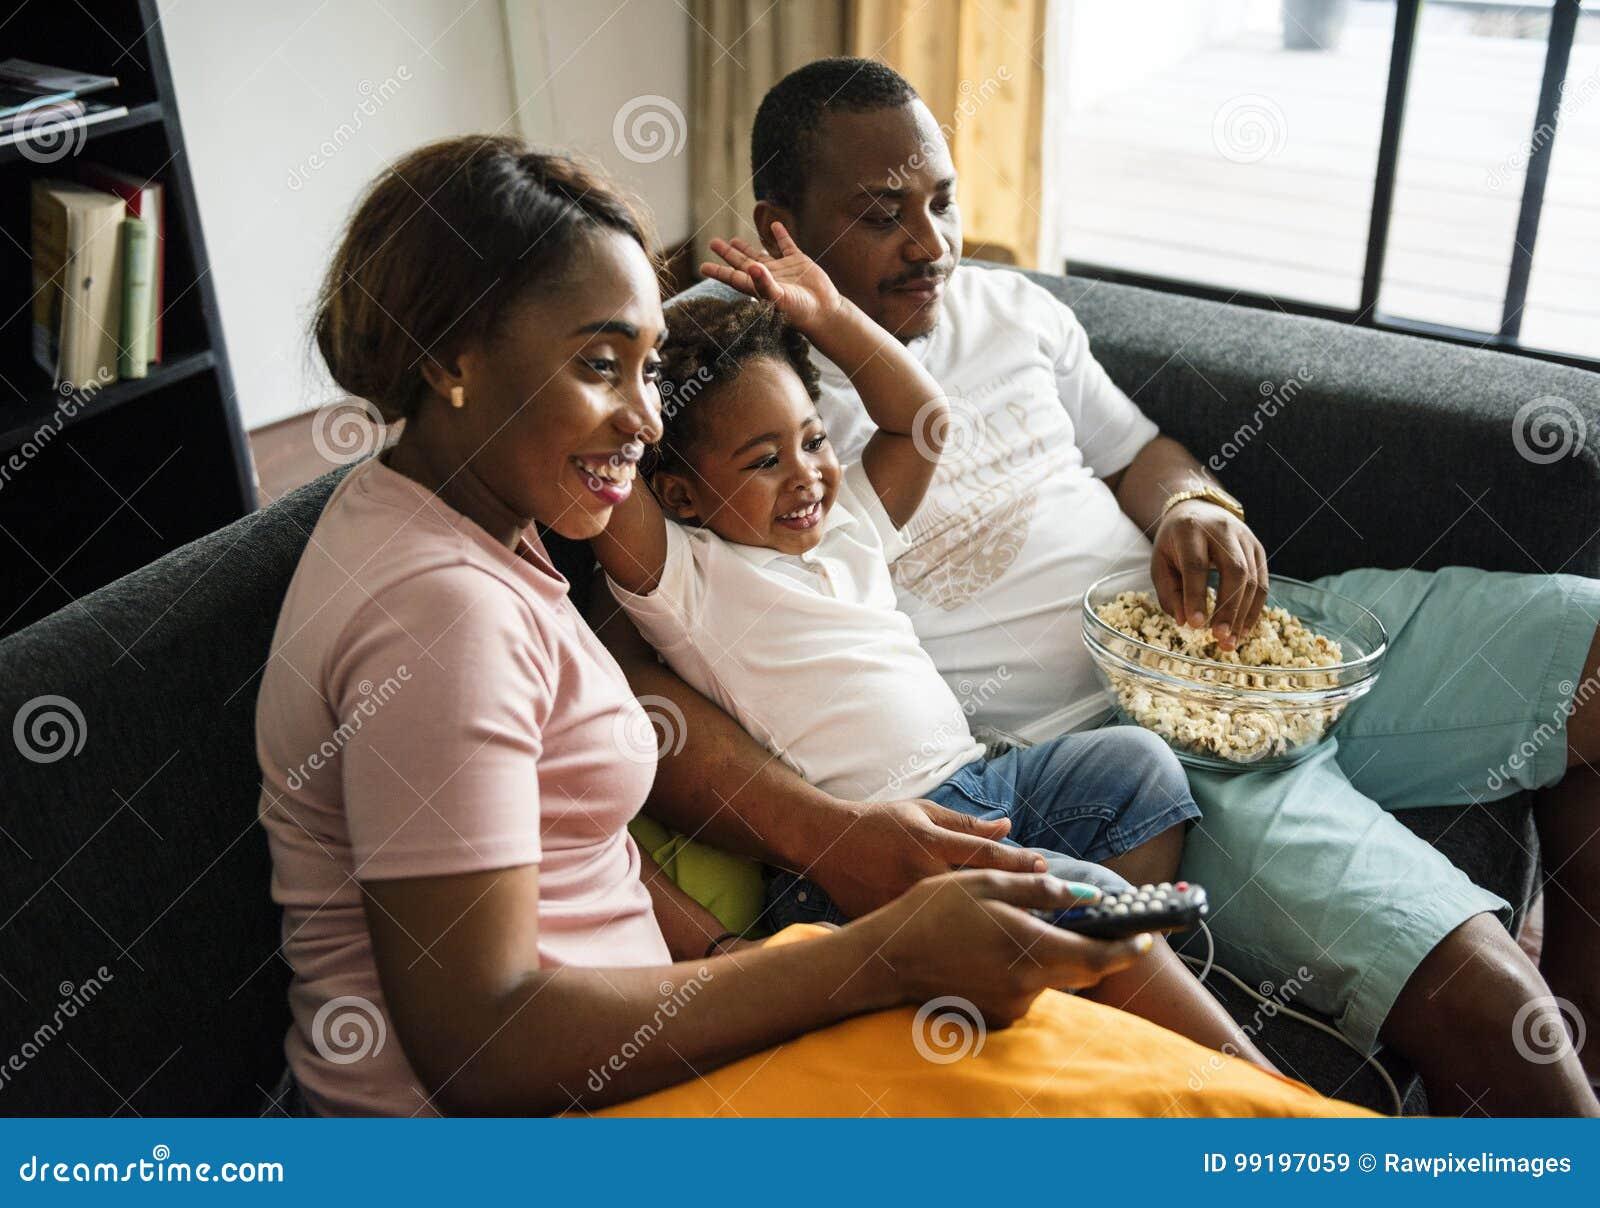 zwarte meisjes eten zwart poesje